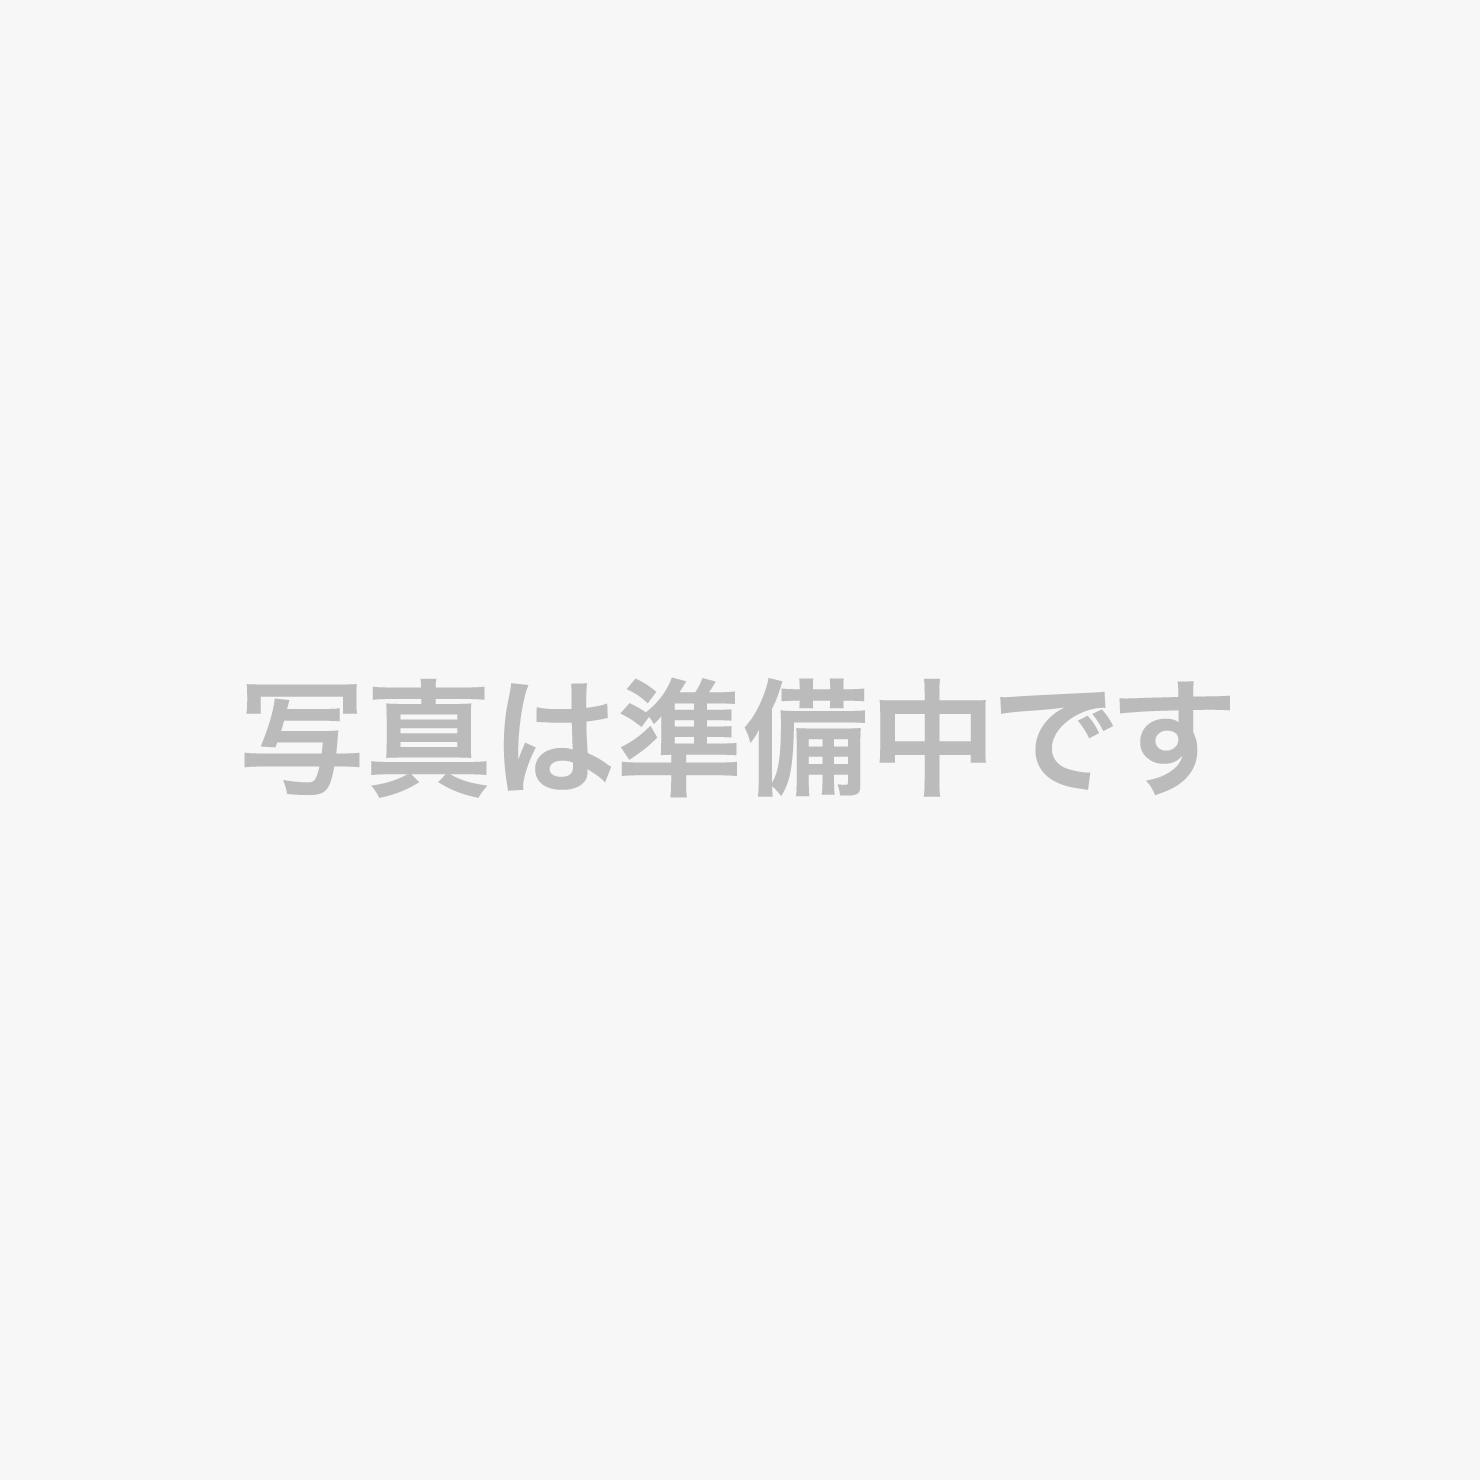 炊き立ての石川県産コシヒカリ